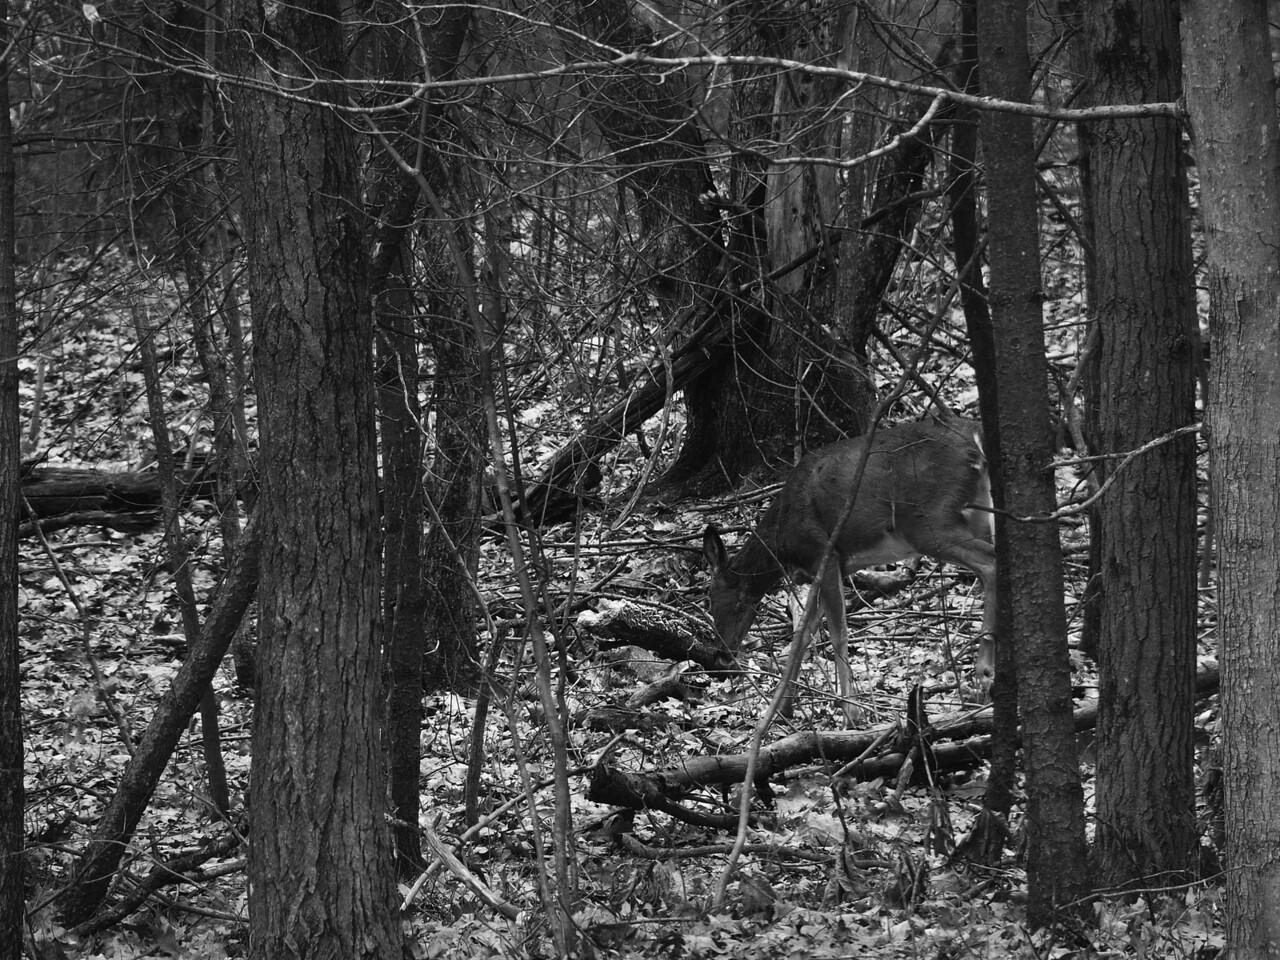 Deer in our yard